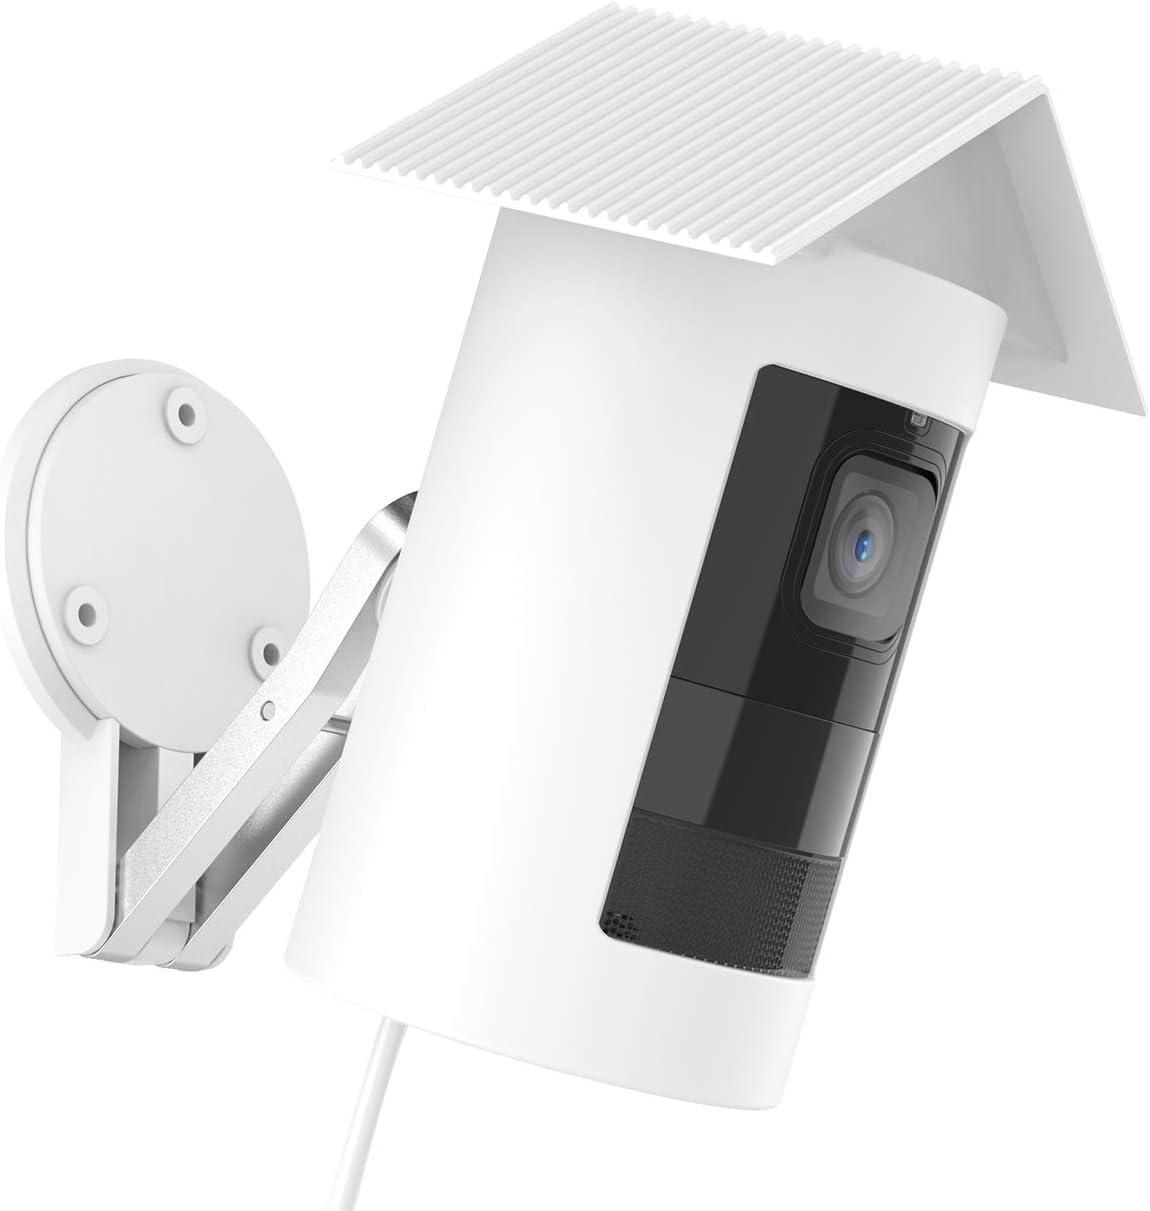 souple et protecteur pour la s/écurit/é /à la maison Housse en silicone compatible avec la cam/éra filaire Ring Stick Up blanc cam/éra filaire /étui en silicone durable